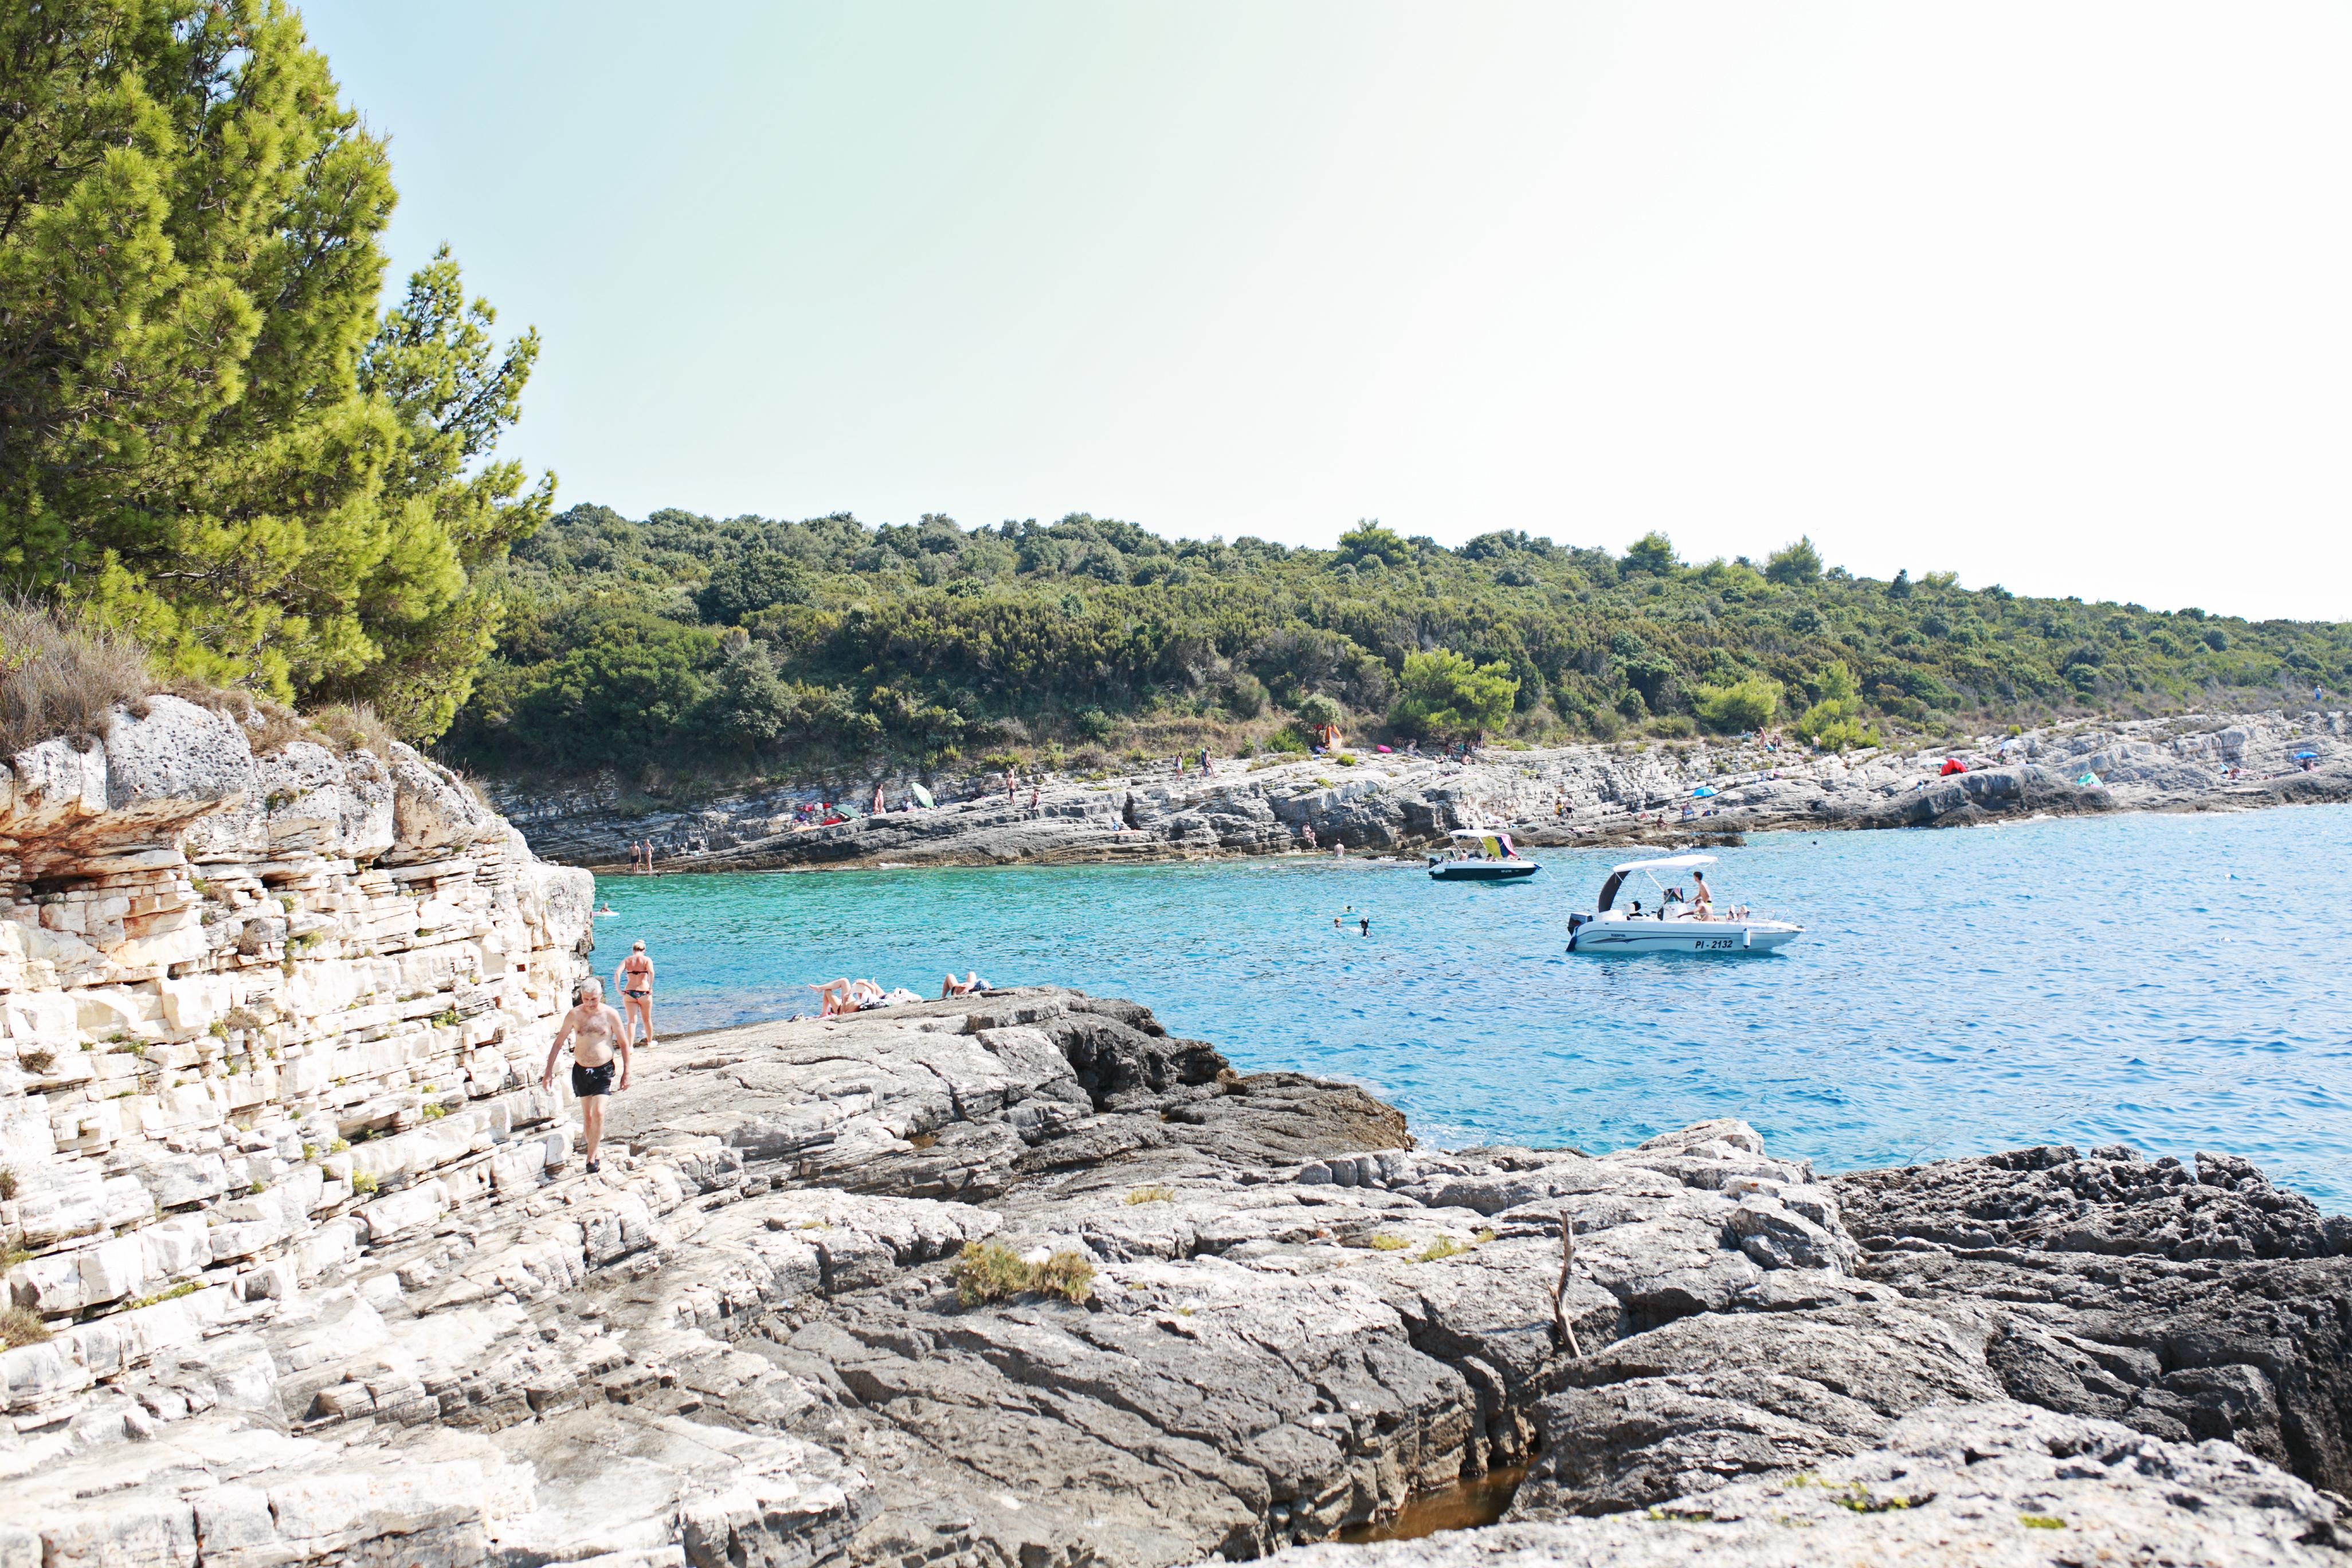 chorwacja, croatia, chorwacja plaże, Kamenjak